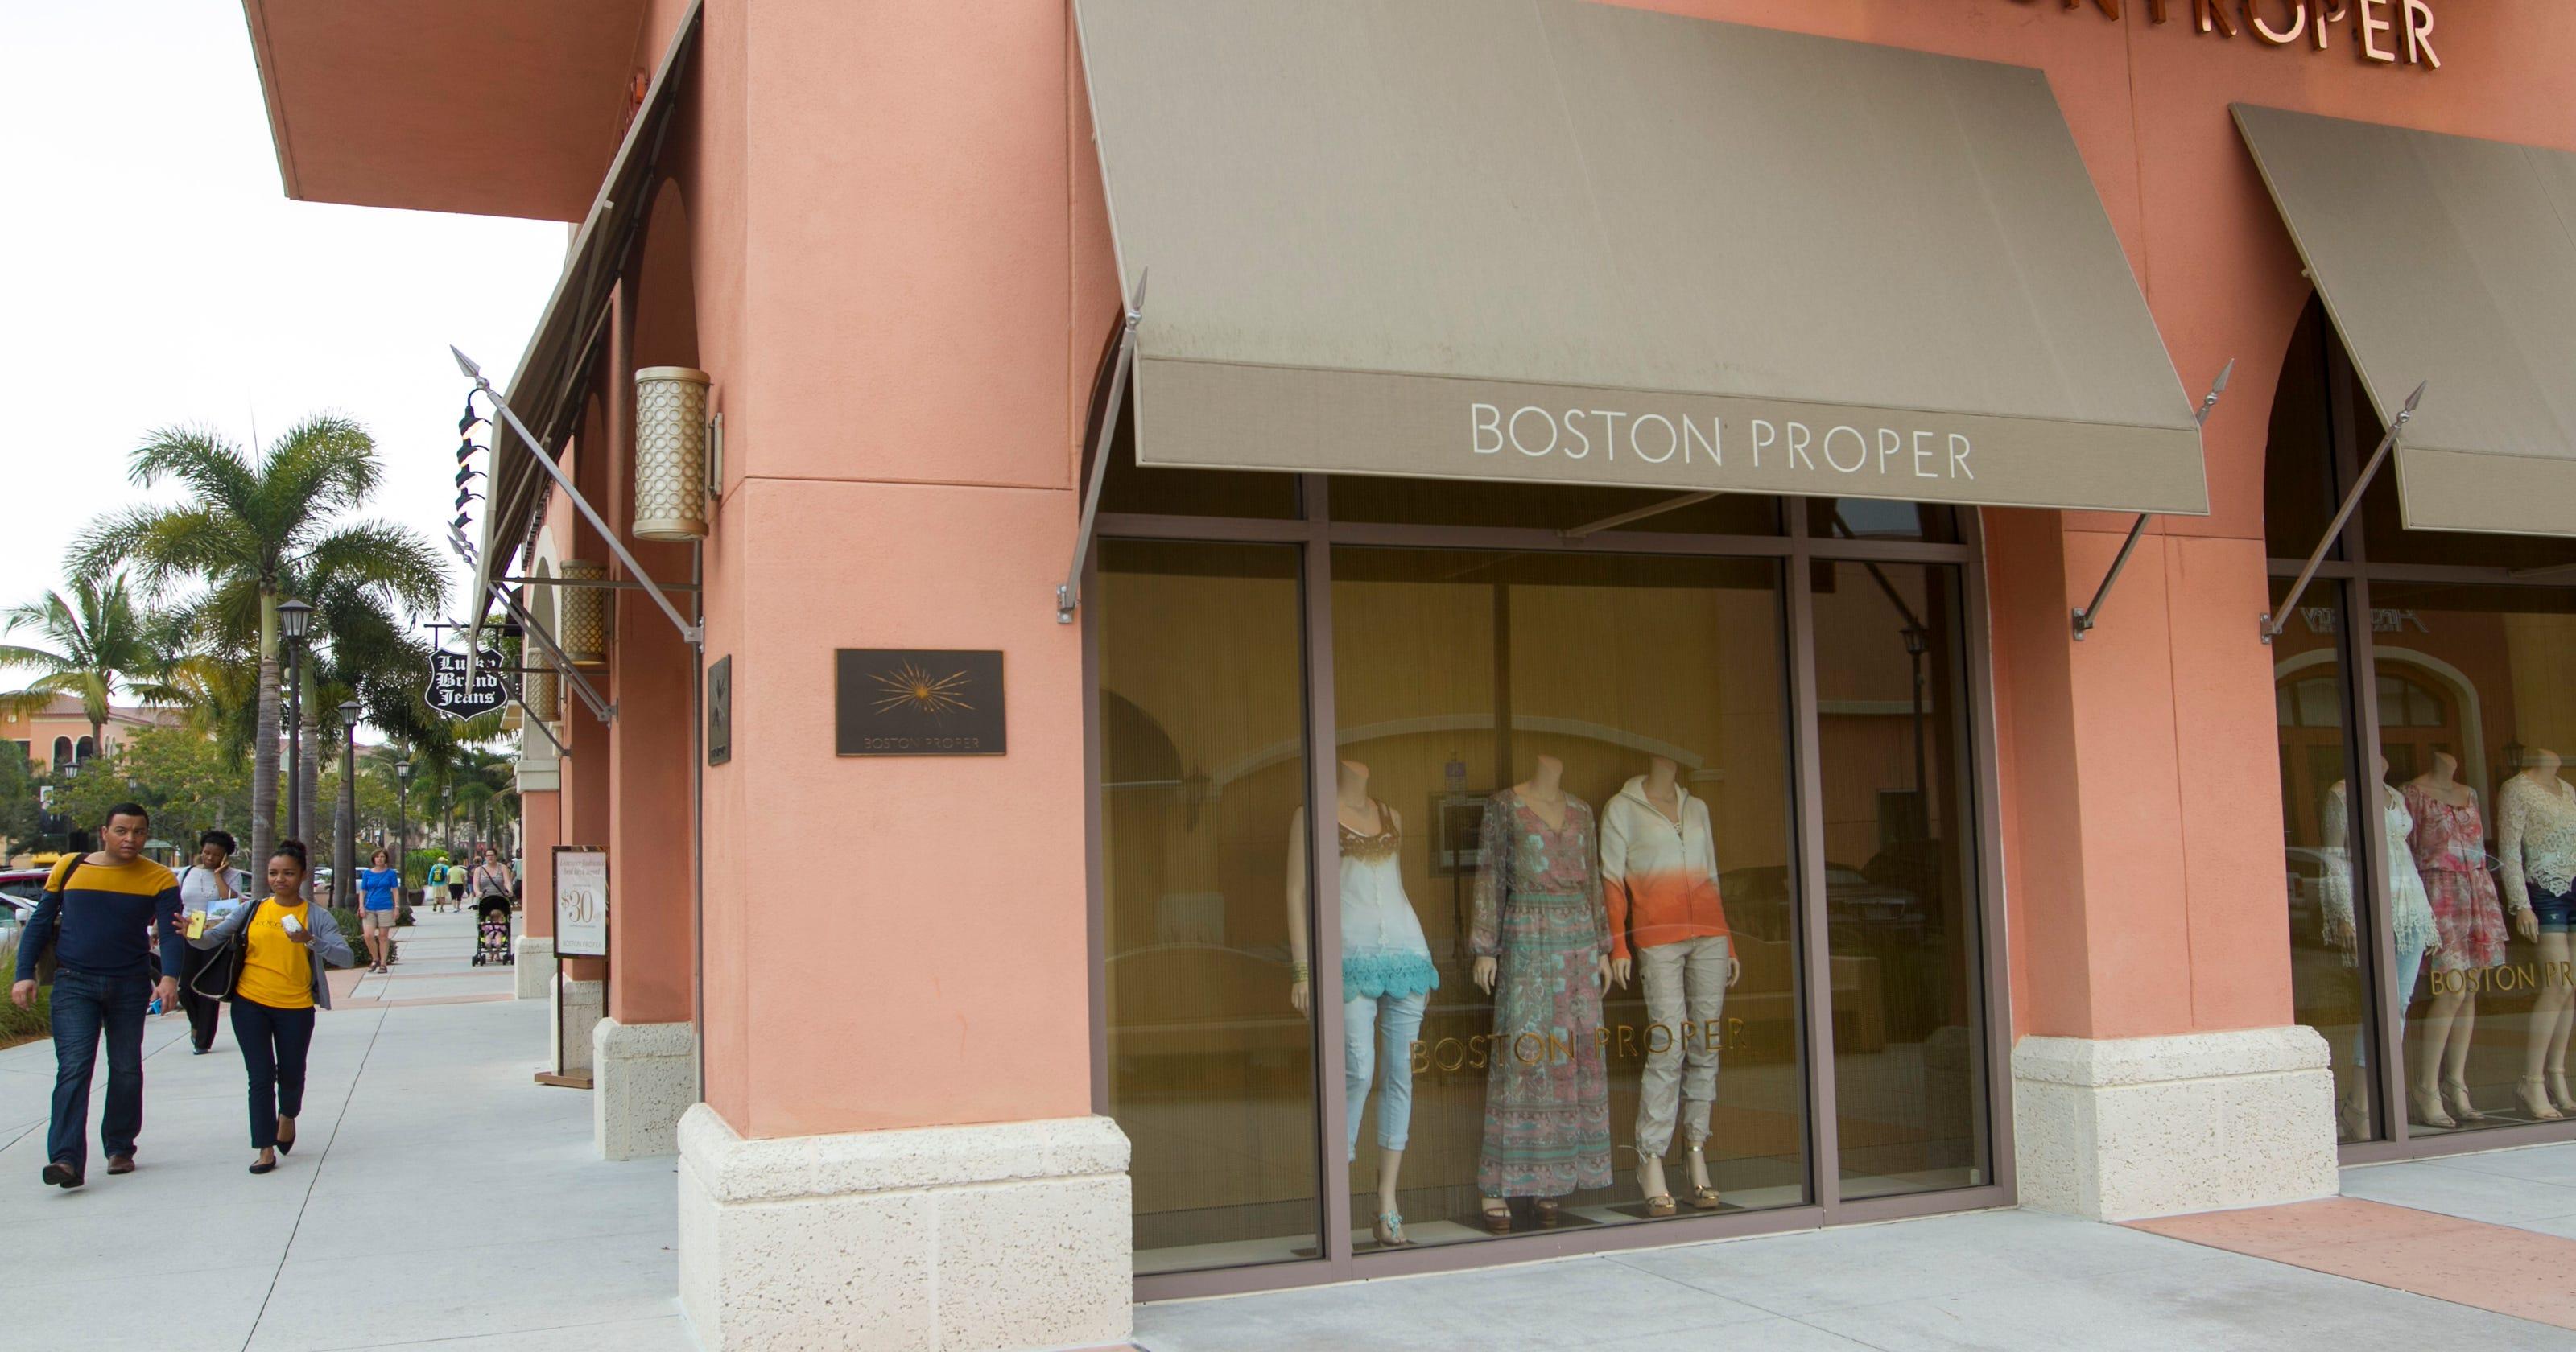 6cbbff8db2637 Chico s to close Boston Proper stores